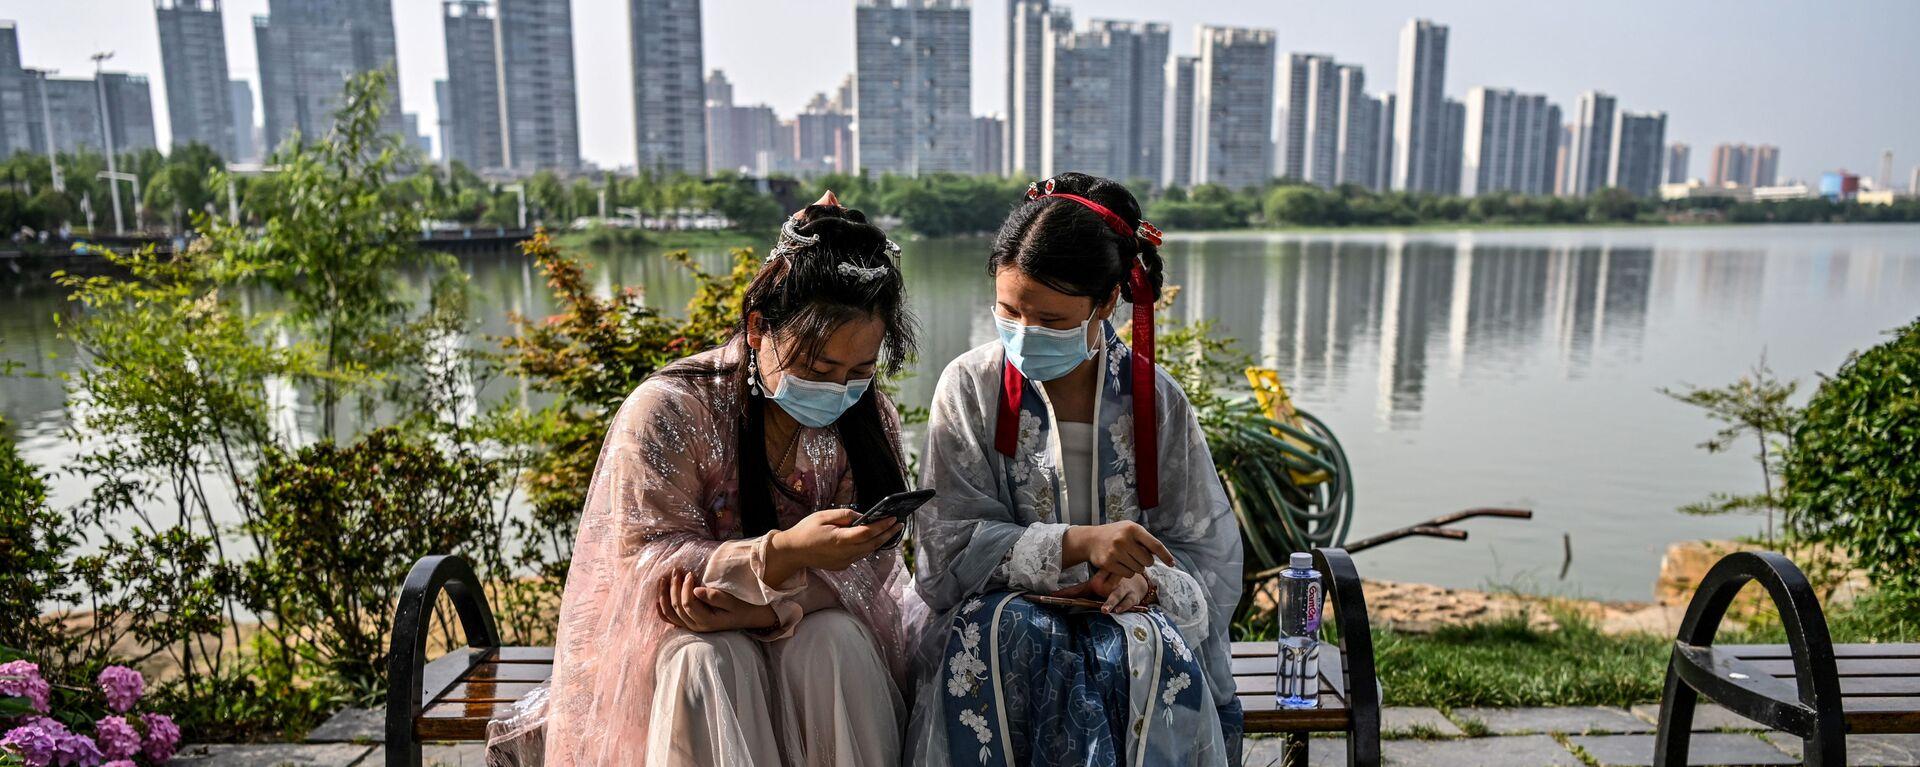 Phụ nữ trẻ đeo khẩu trang và bận trang phục truyền thống trên băng ghế ở công viên Vũ Hán, Trung Quốc - Sputnik Việt Nam, 1920, 08.06.2020